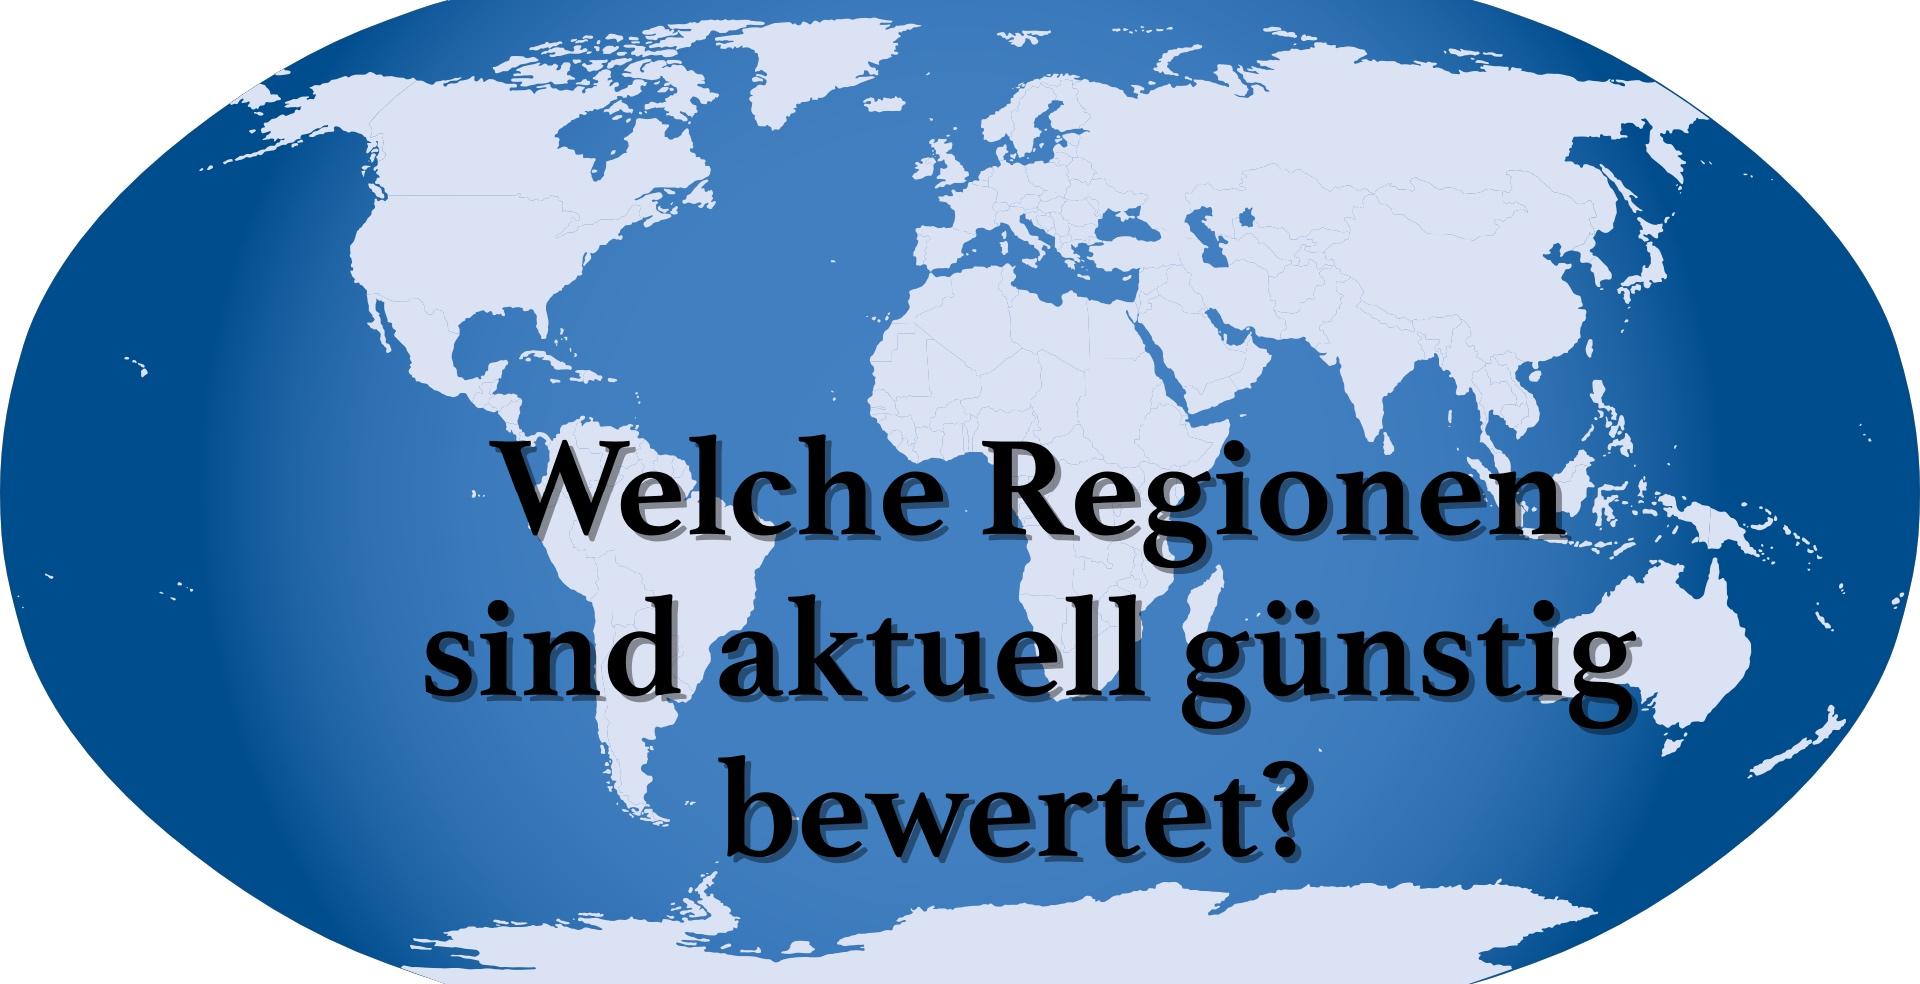 Welche Regionen & Branchen sind aktuell günstig bewertet?